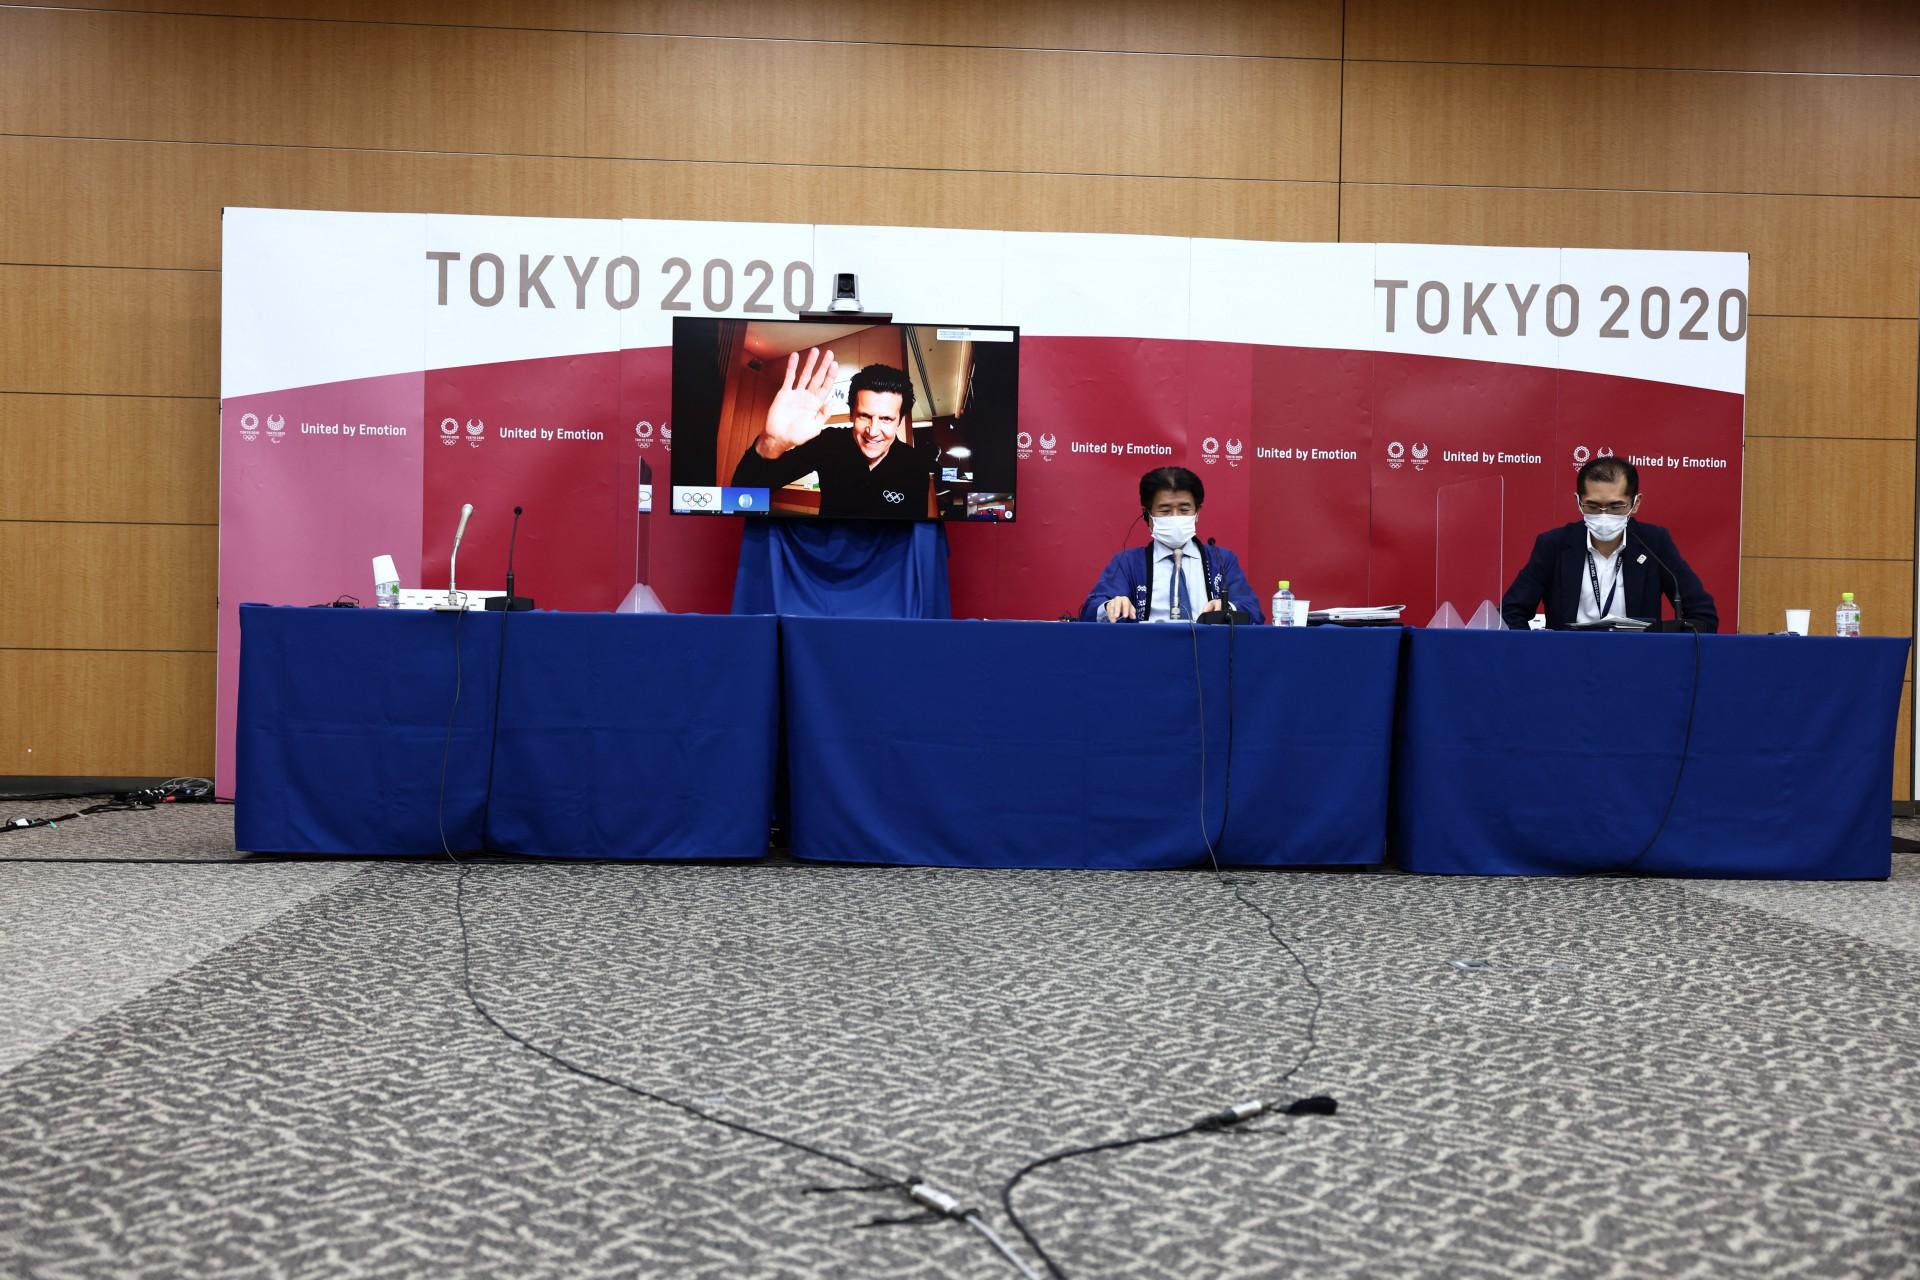 O Diretor Executivo dos Jogos Olímpicos do COI, Christophe Dubi, (na tela) acena enquanto o Chefe da Operação Principal de Tóquio 2020, Hidemasa Nakamura,  e o porta-voz do Tóquio 2020, Masa Takaya, são vistos na conclusão de uma coletiva de imprensa online